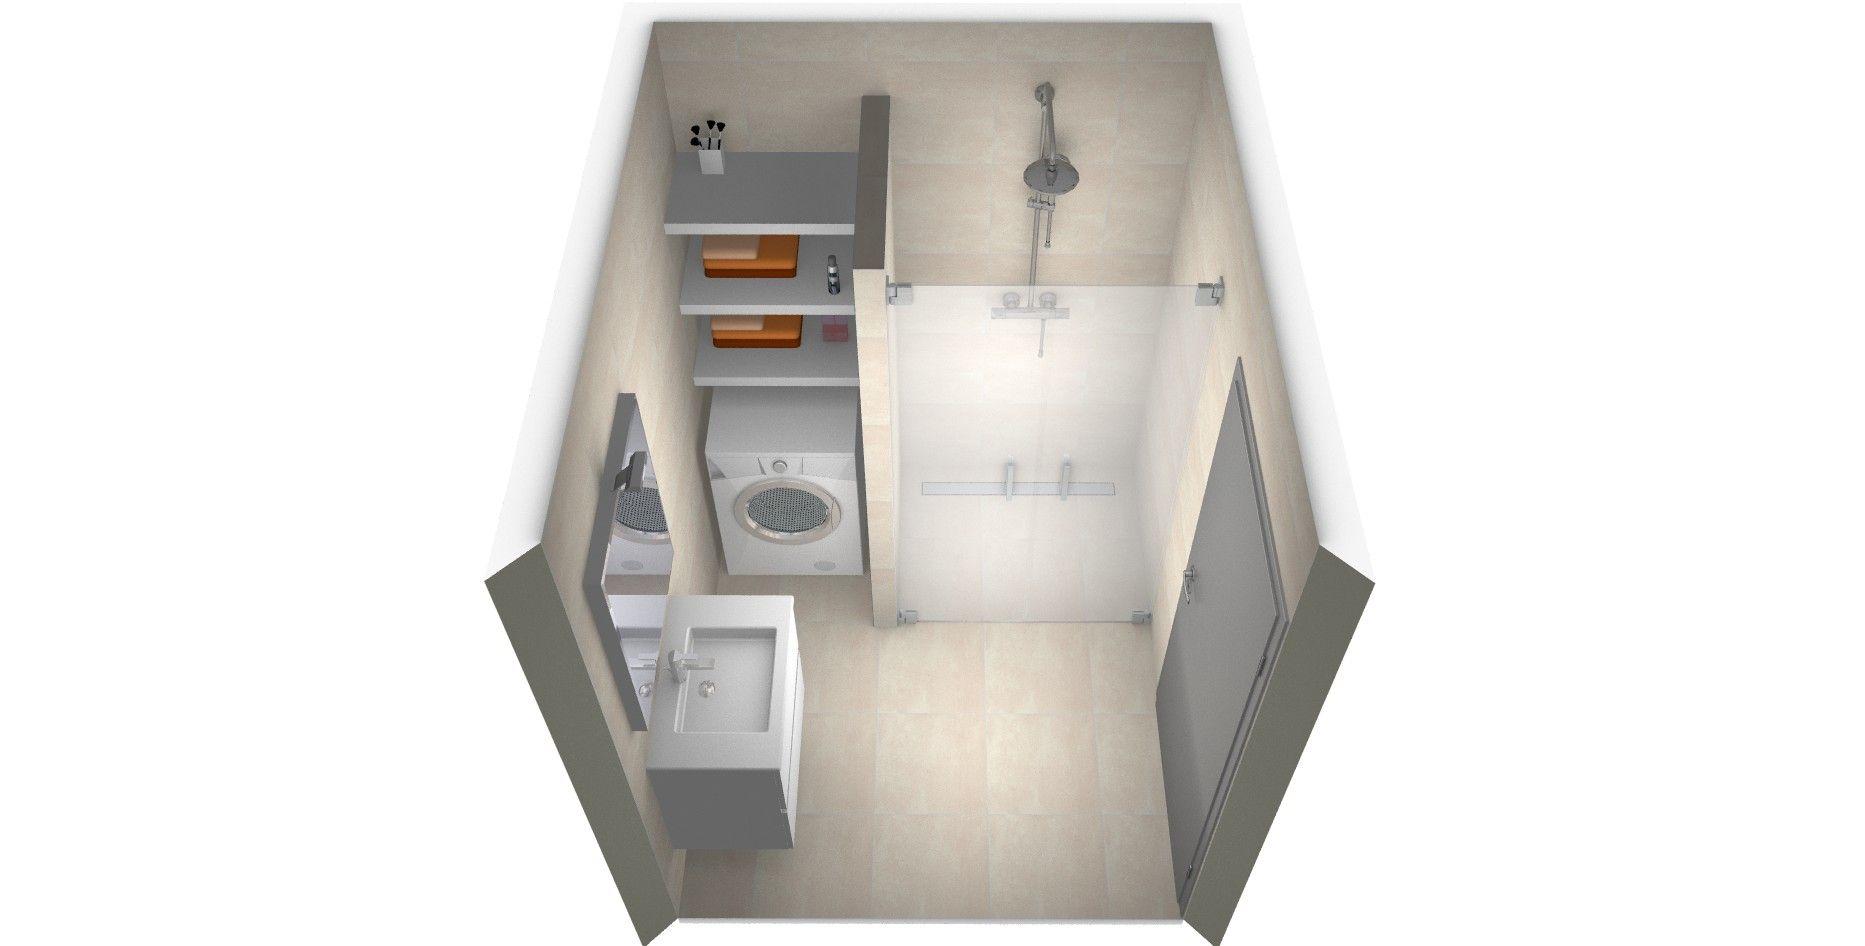 Kleine Badkamer Voorbeelden : Voorbeelden van een kleine badkamer met wasmachine bathrooms